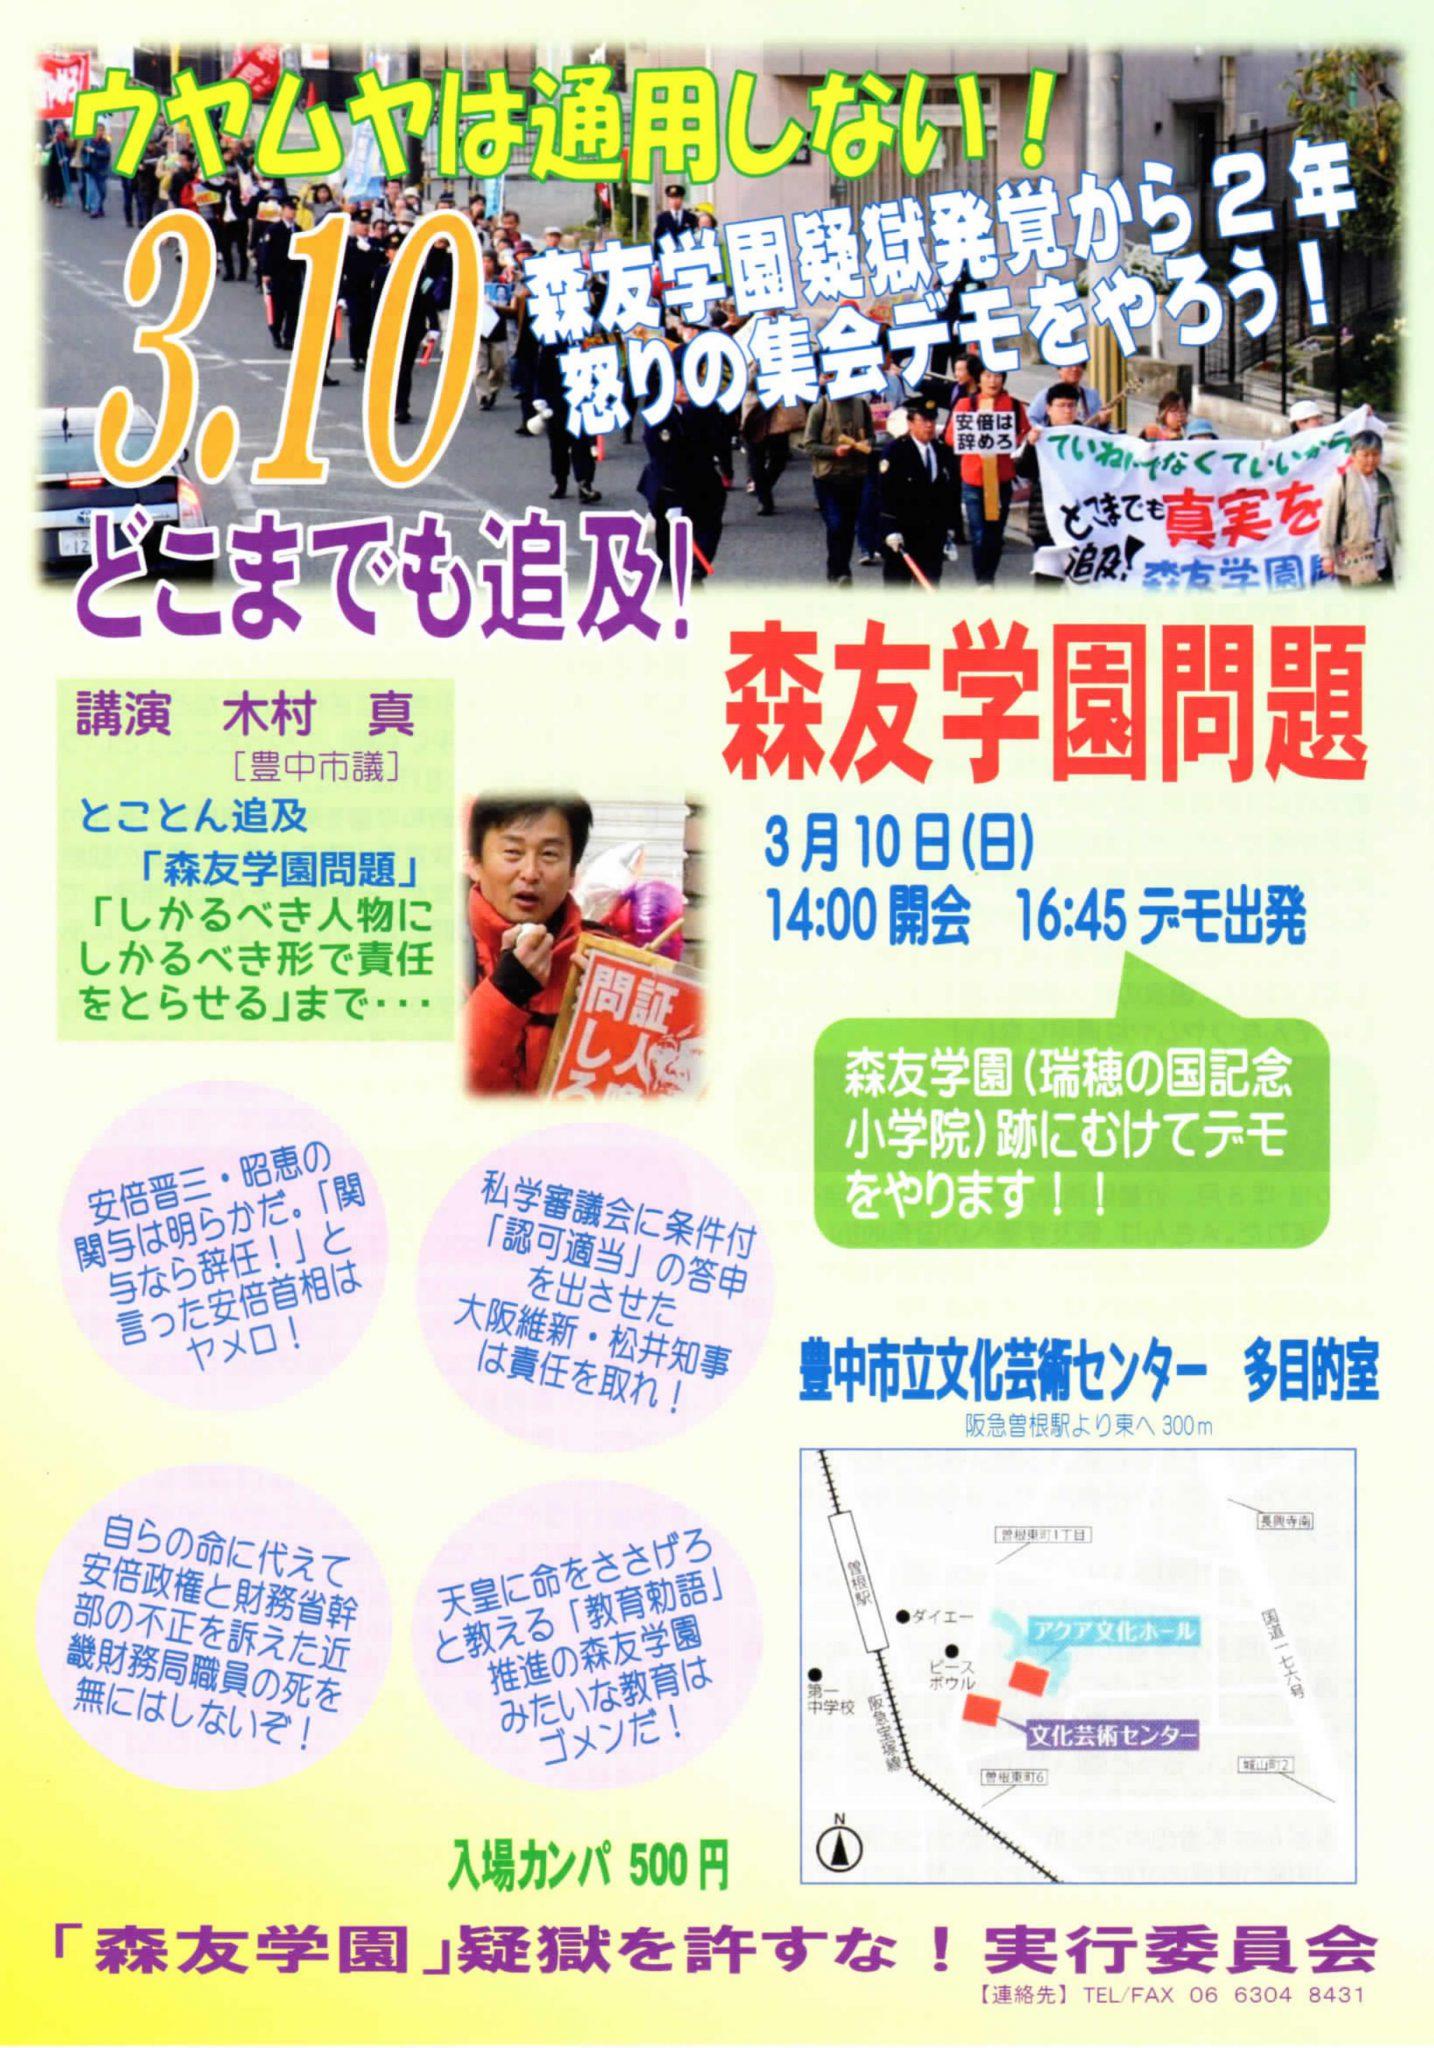 森友学園疑獄発覚から2年 怒りの集会デモ